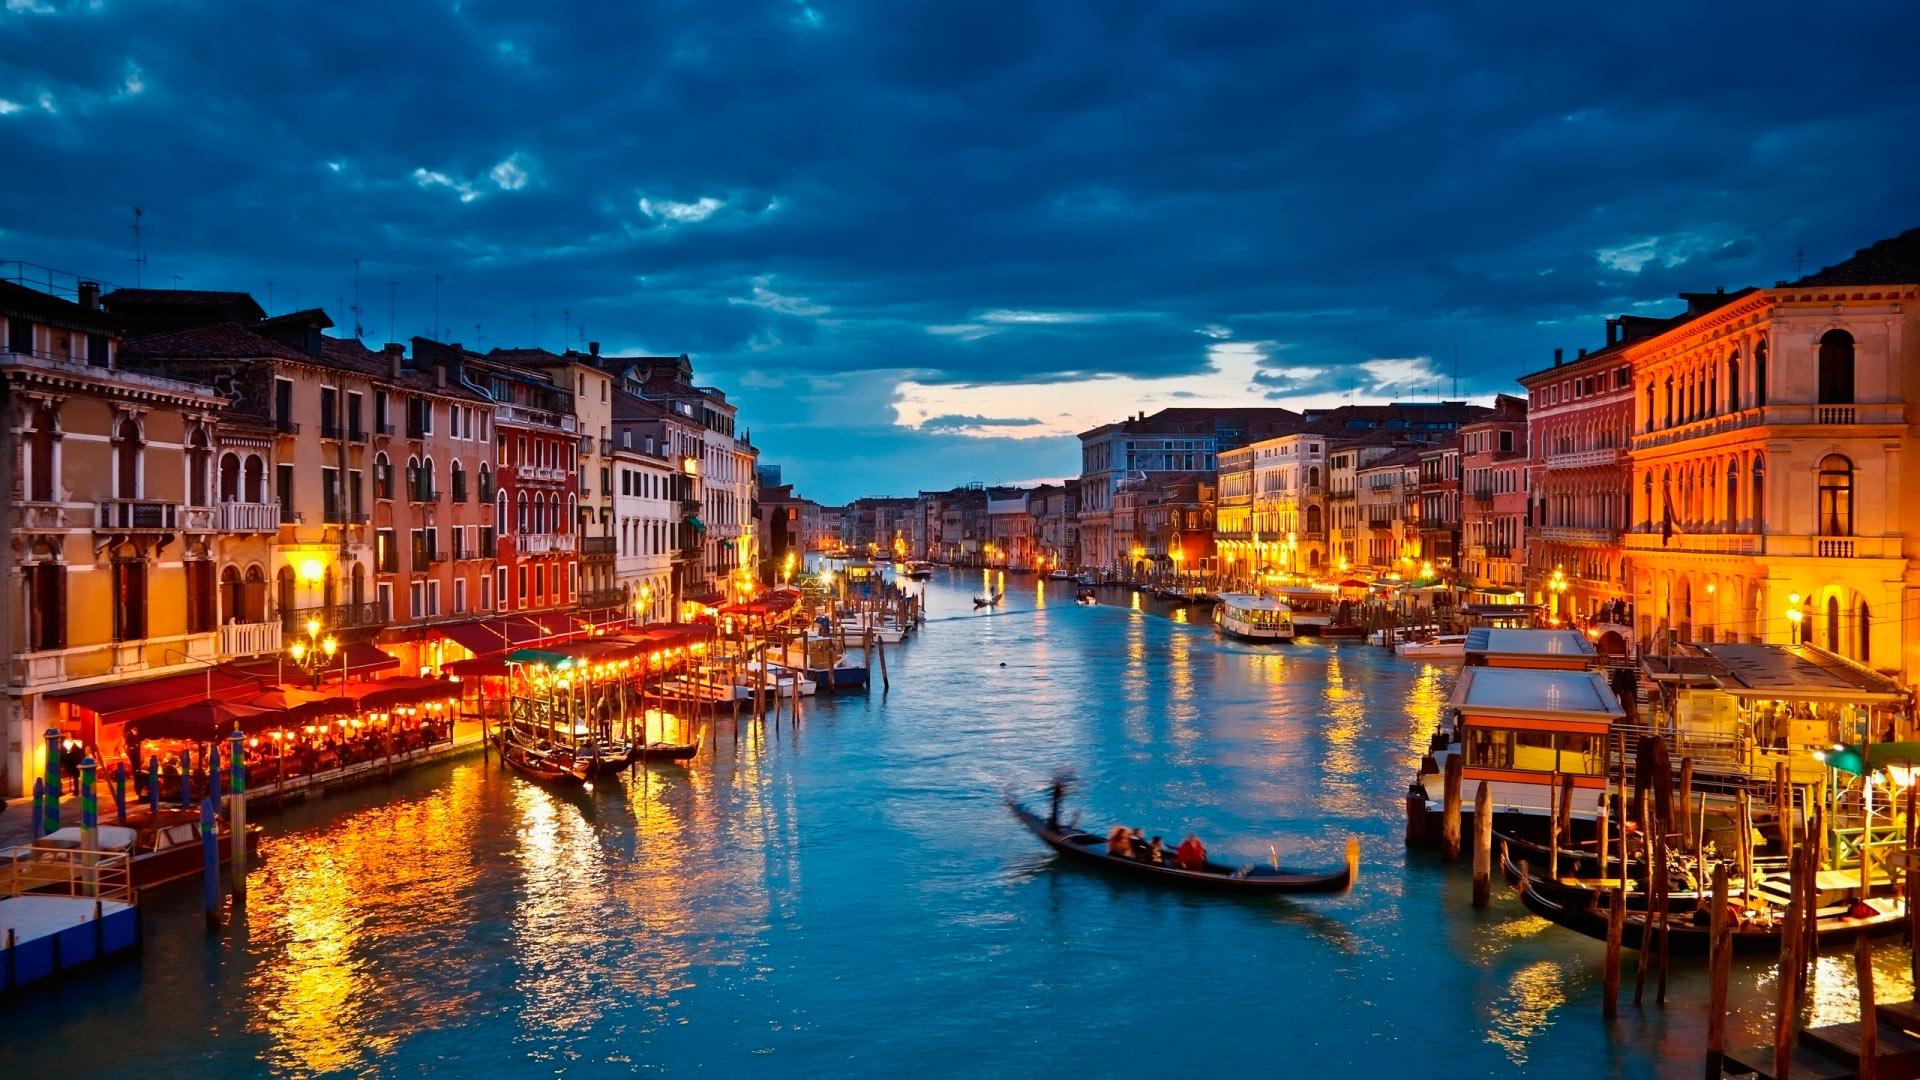 Kelionė į Italiją kartu su Nėge!